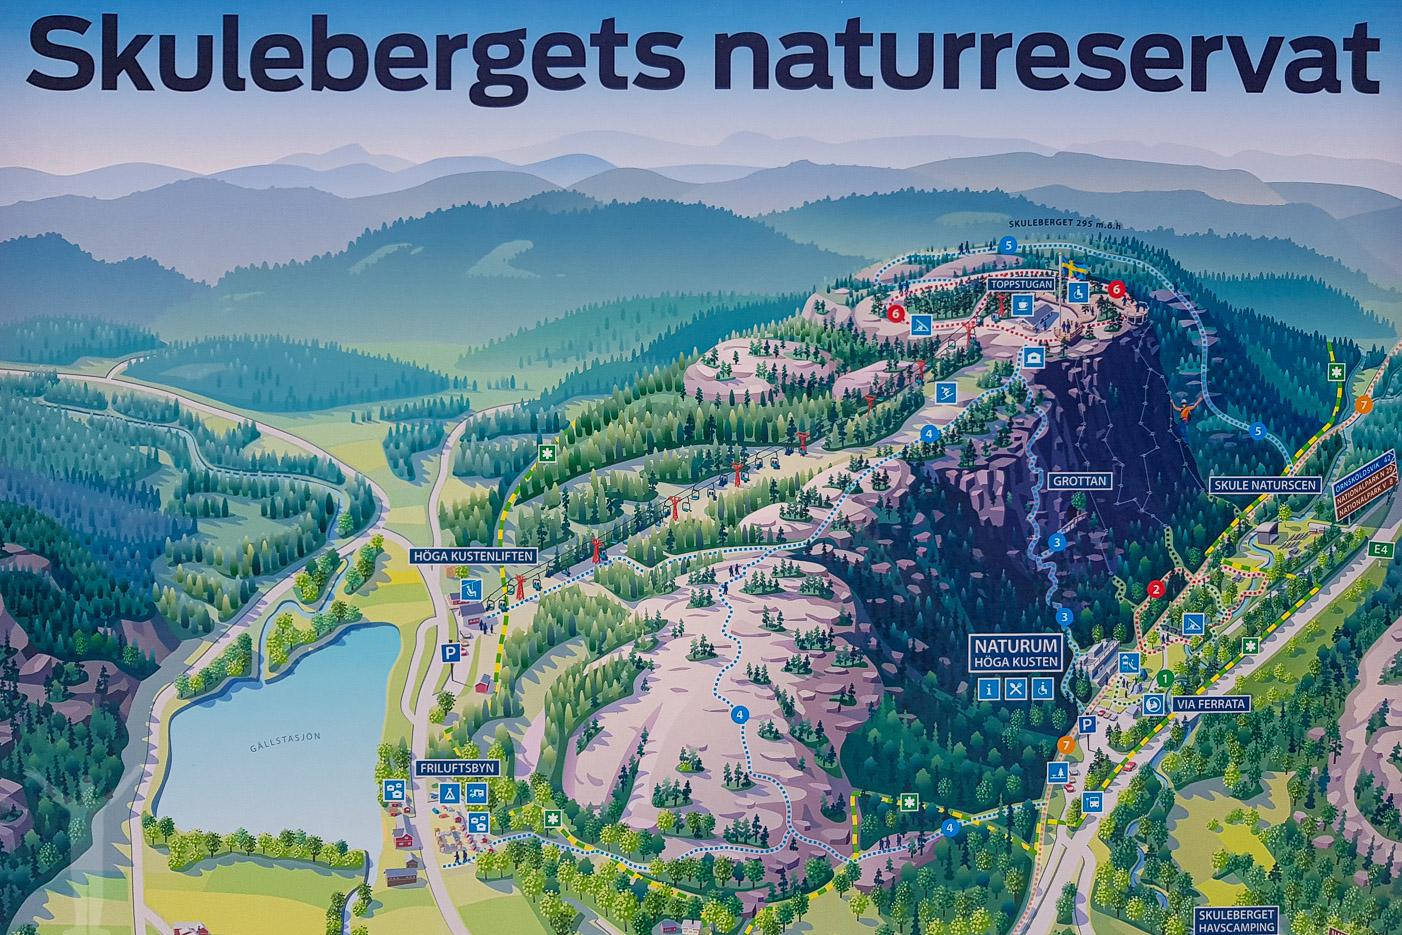 Skulebergets naturreservat